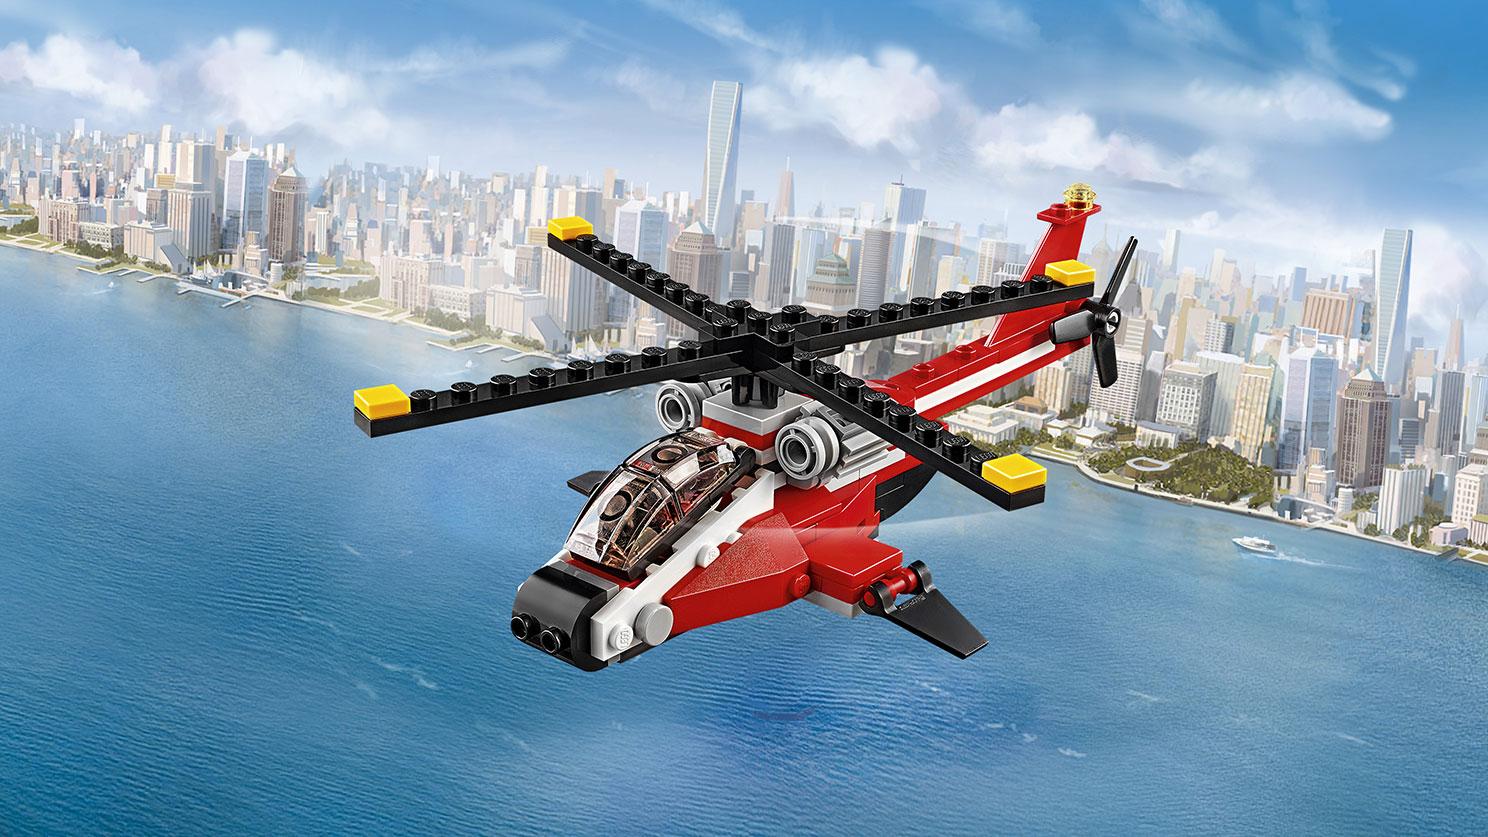 31057 L'hélicoptère rouge